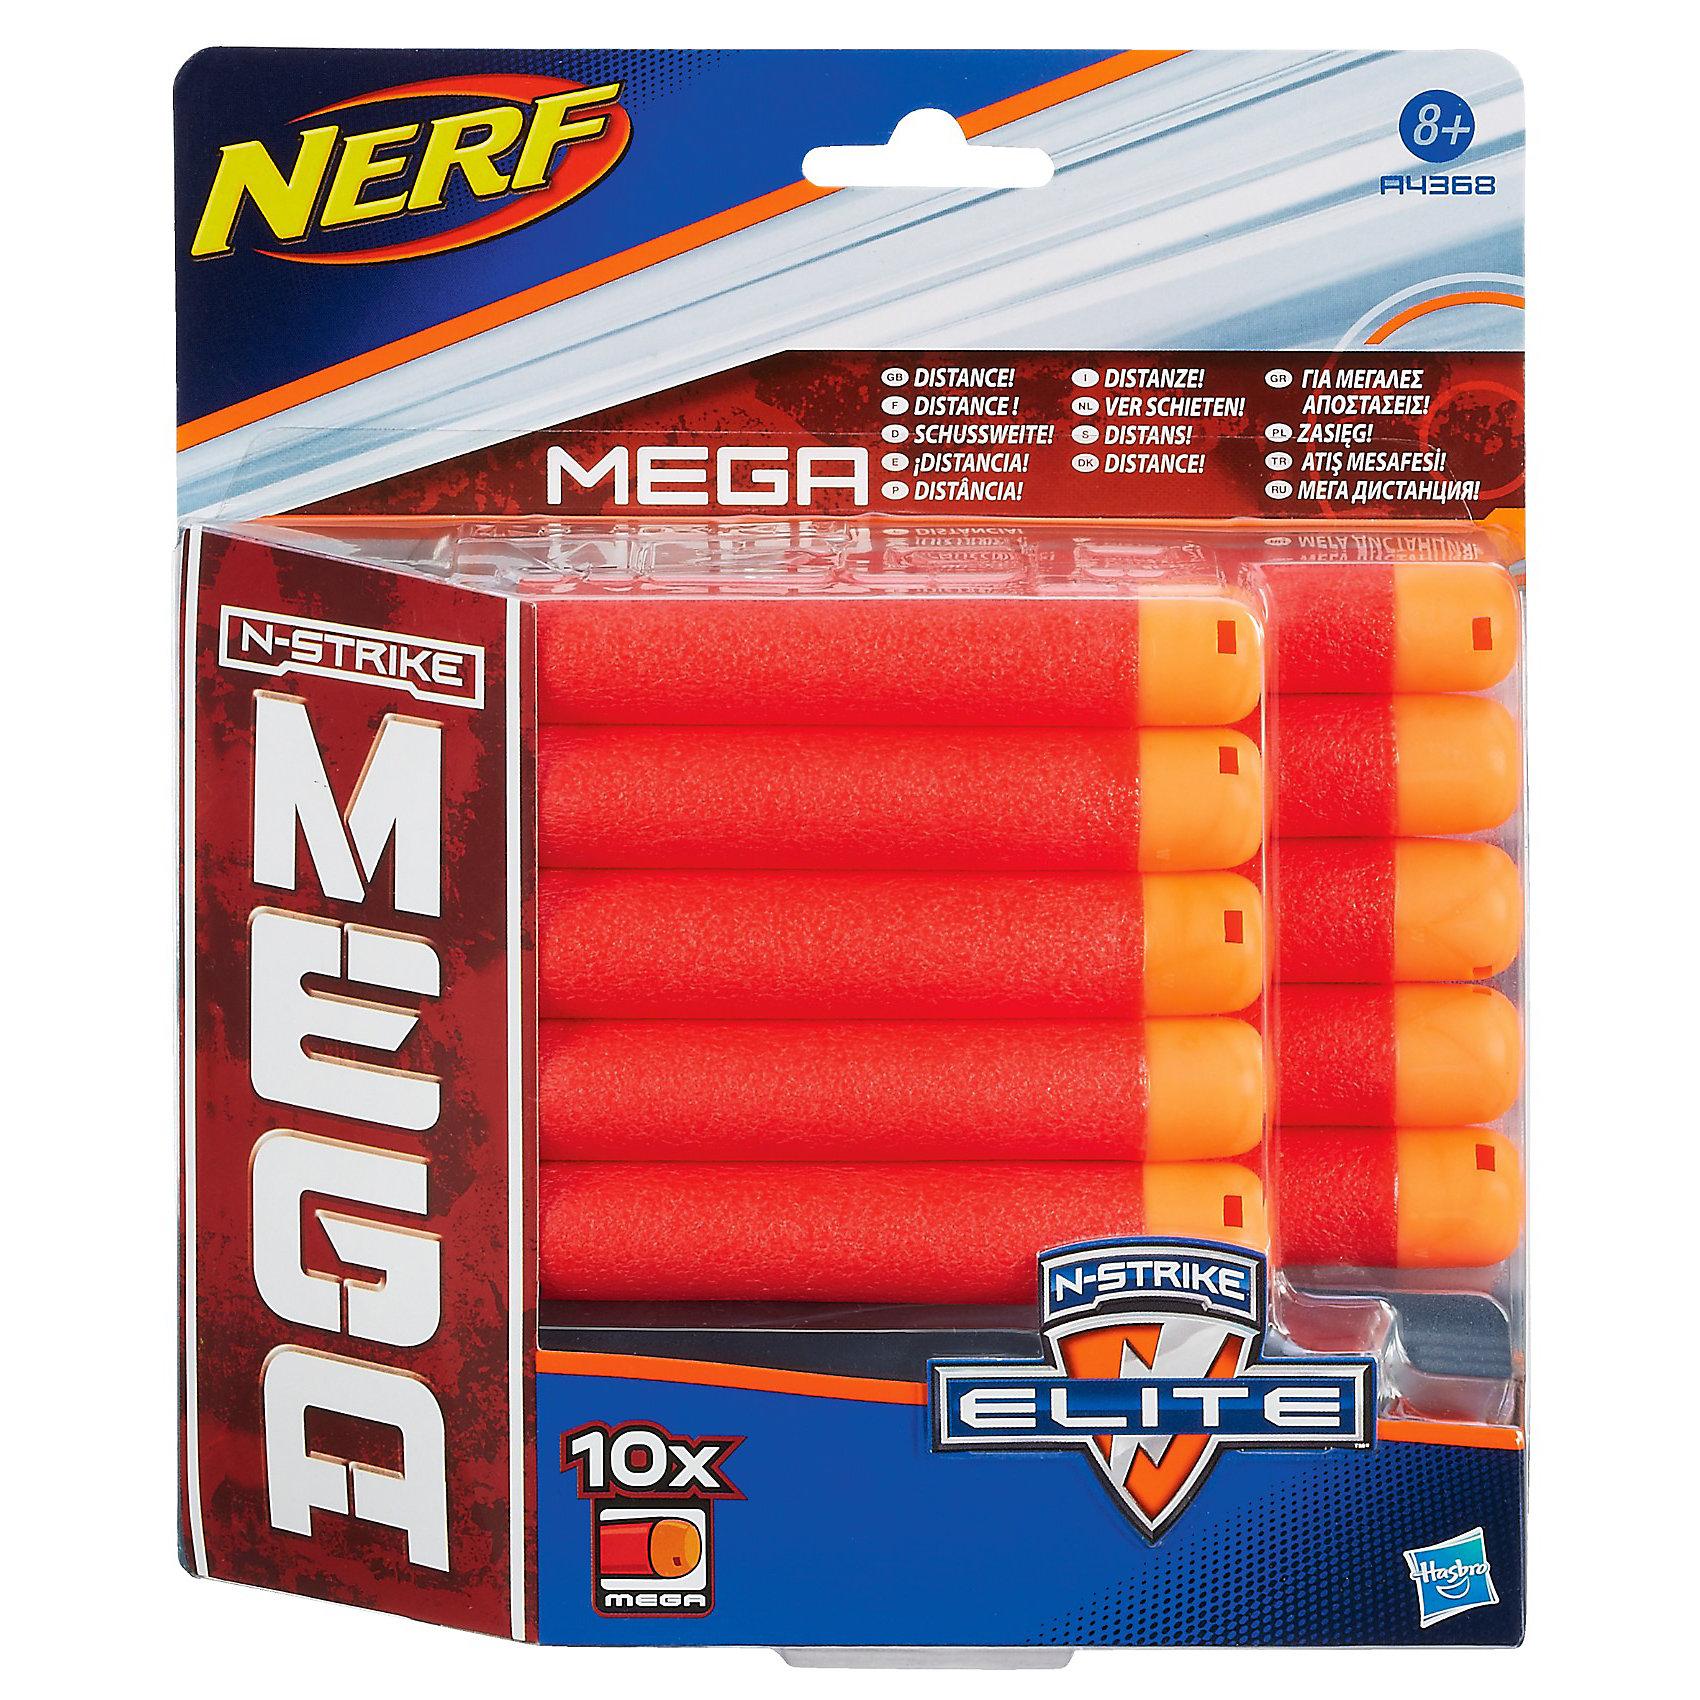 Комплект 10 стрел для бластеров МЕГА, NERFСюжетно-ролевые игры<br>Комплект 10 стрел для бластеров МЕГА, NERF подходит к любому бластеру серии МЕГА. Стрелы с мягким прорезиненным наконечником выполнены из высококачественного пластика. <br><br>Дополнительная информация:<br><br>- 10 стрел в комплекте<br>- Размер стрелы: 7.5 см<br>- Пластик, резина<br><br>Комплект 10 стрел для бластеров МЕГА, NERF (Нерф) можно купить в нашем магазине.<br><br>Ширина мм: 211<br>Глубина мм: 177<br>Высота мм: 45<br>Вес г: 84<br>Возраст от месяцев: 96<br>Возраст до месяцев: 144<br>Пол: Мужской<br>Возраст: Детский<br>SKU: 3405526